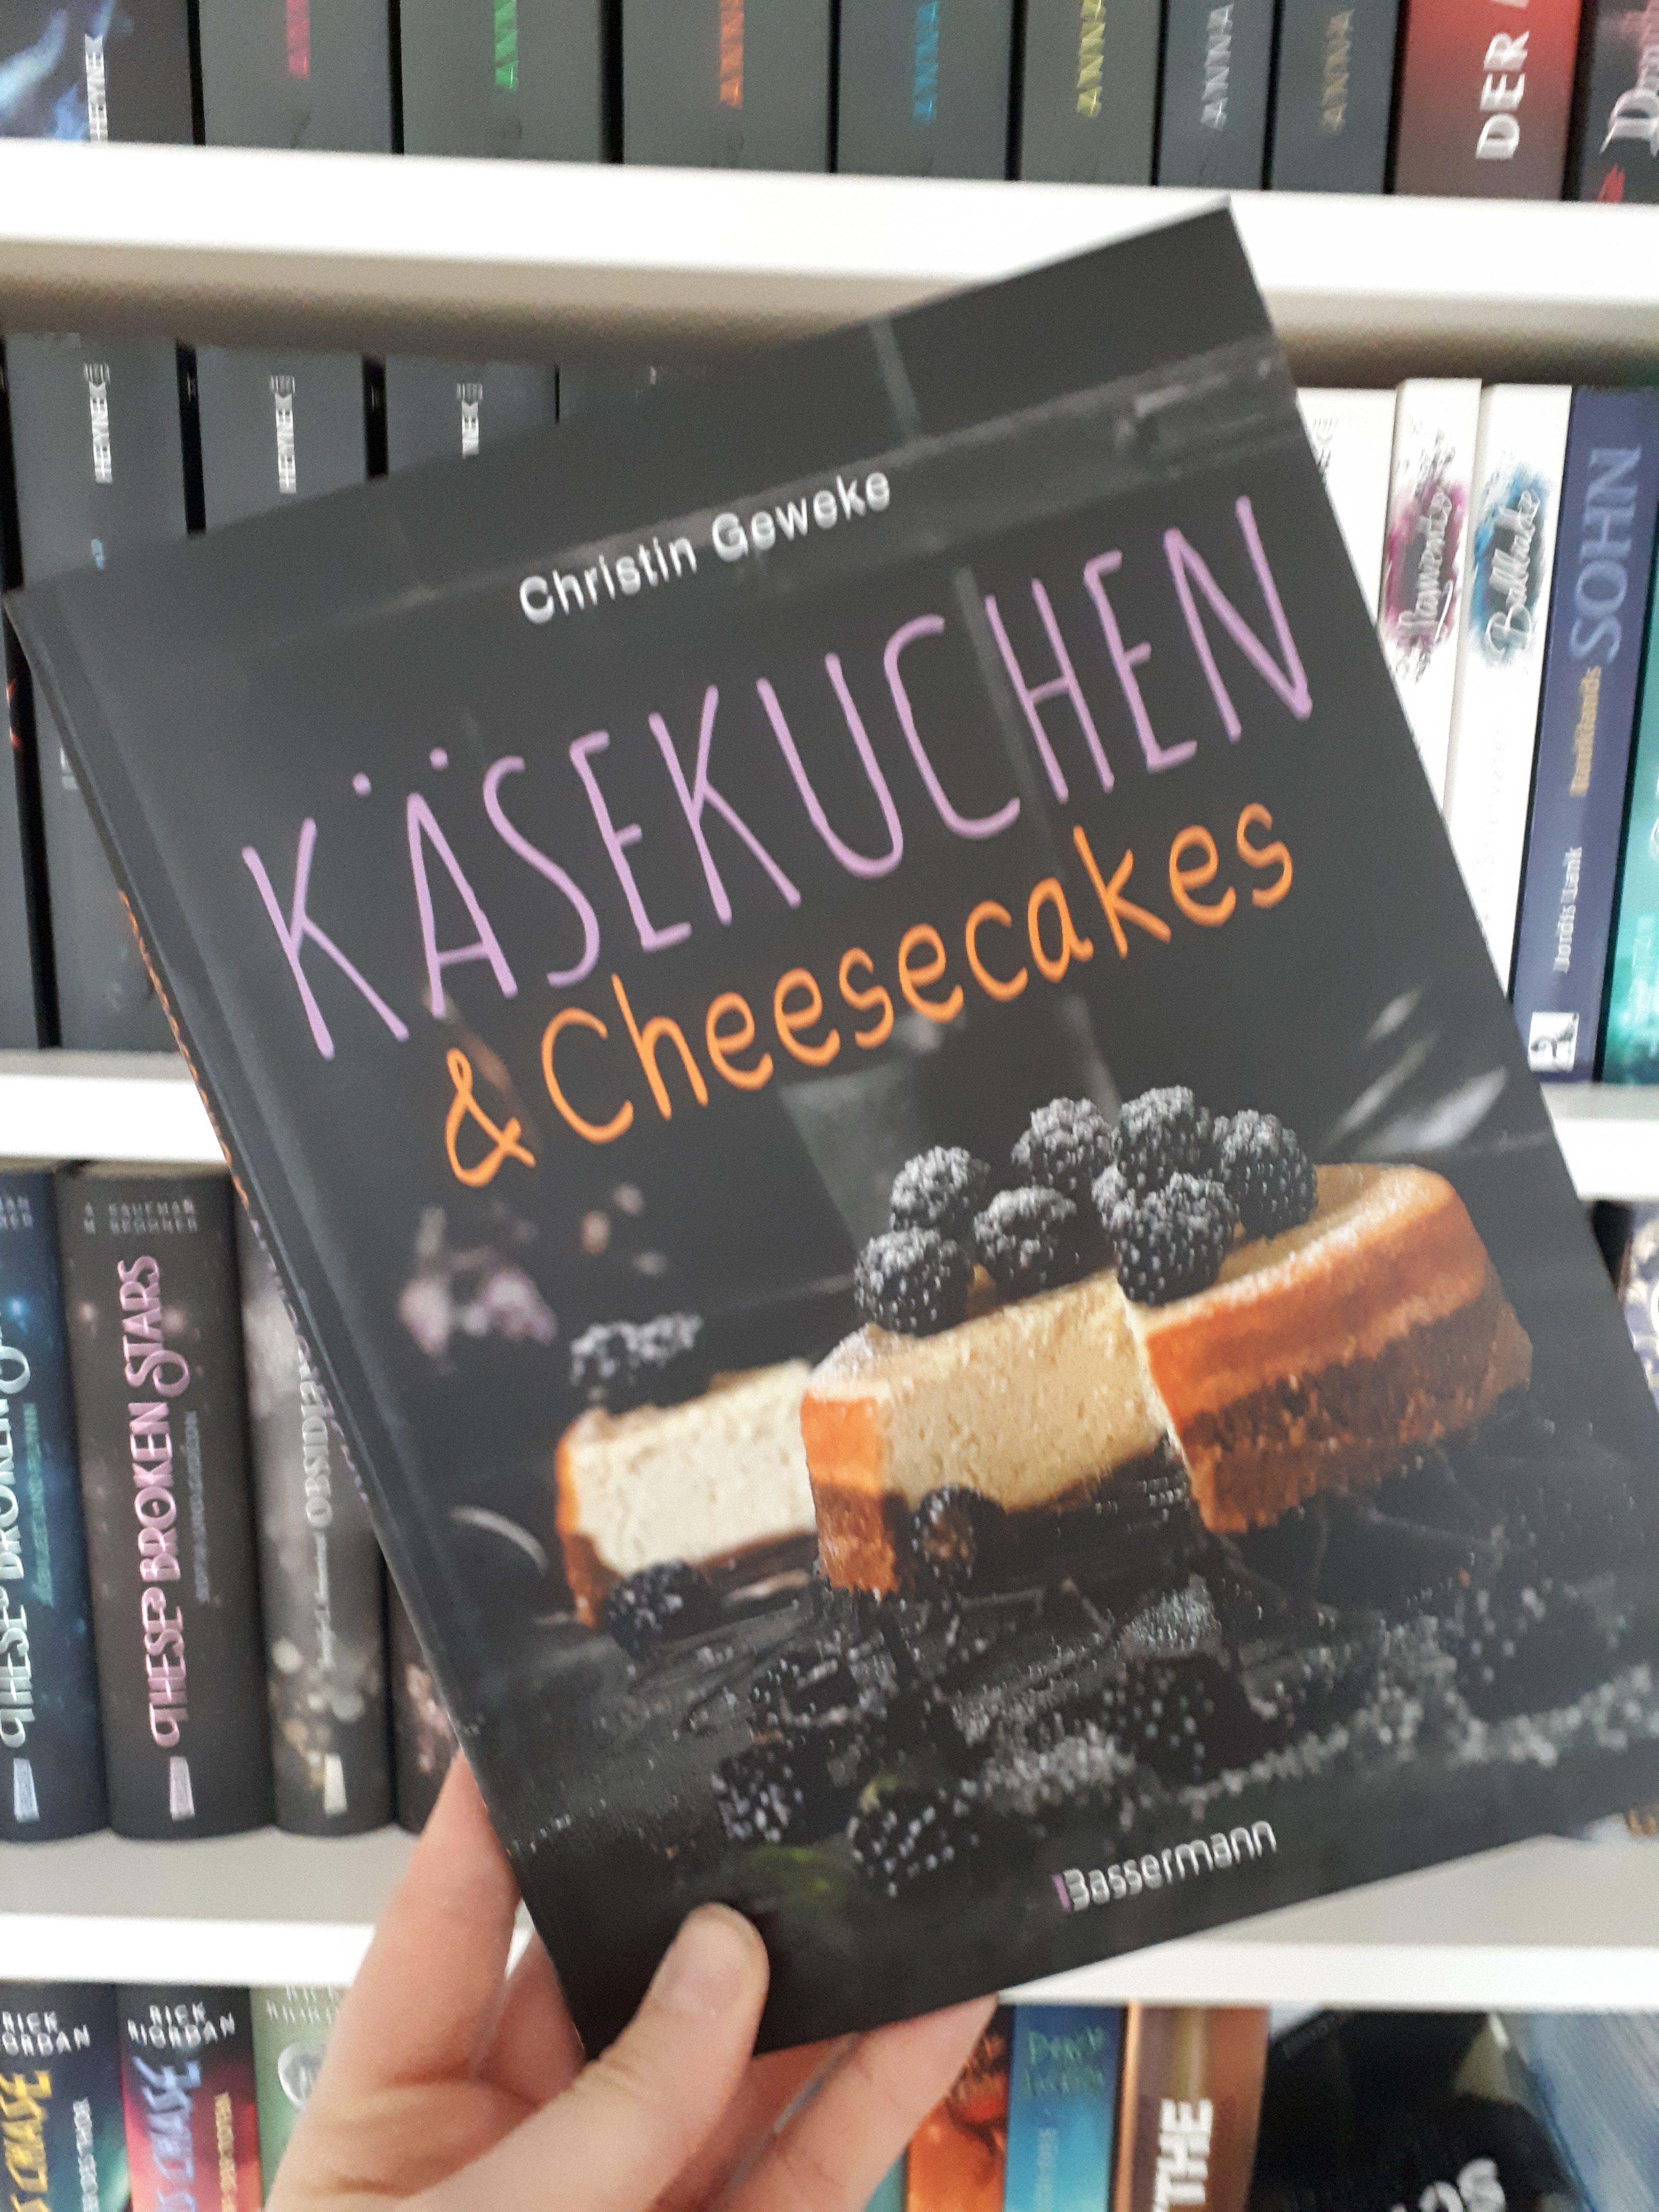 [Werbung] Käsekuchen & Cheesecakes: Rezepte mit Frischkäse oder Quark – Christin Geweke